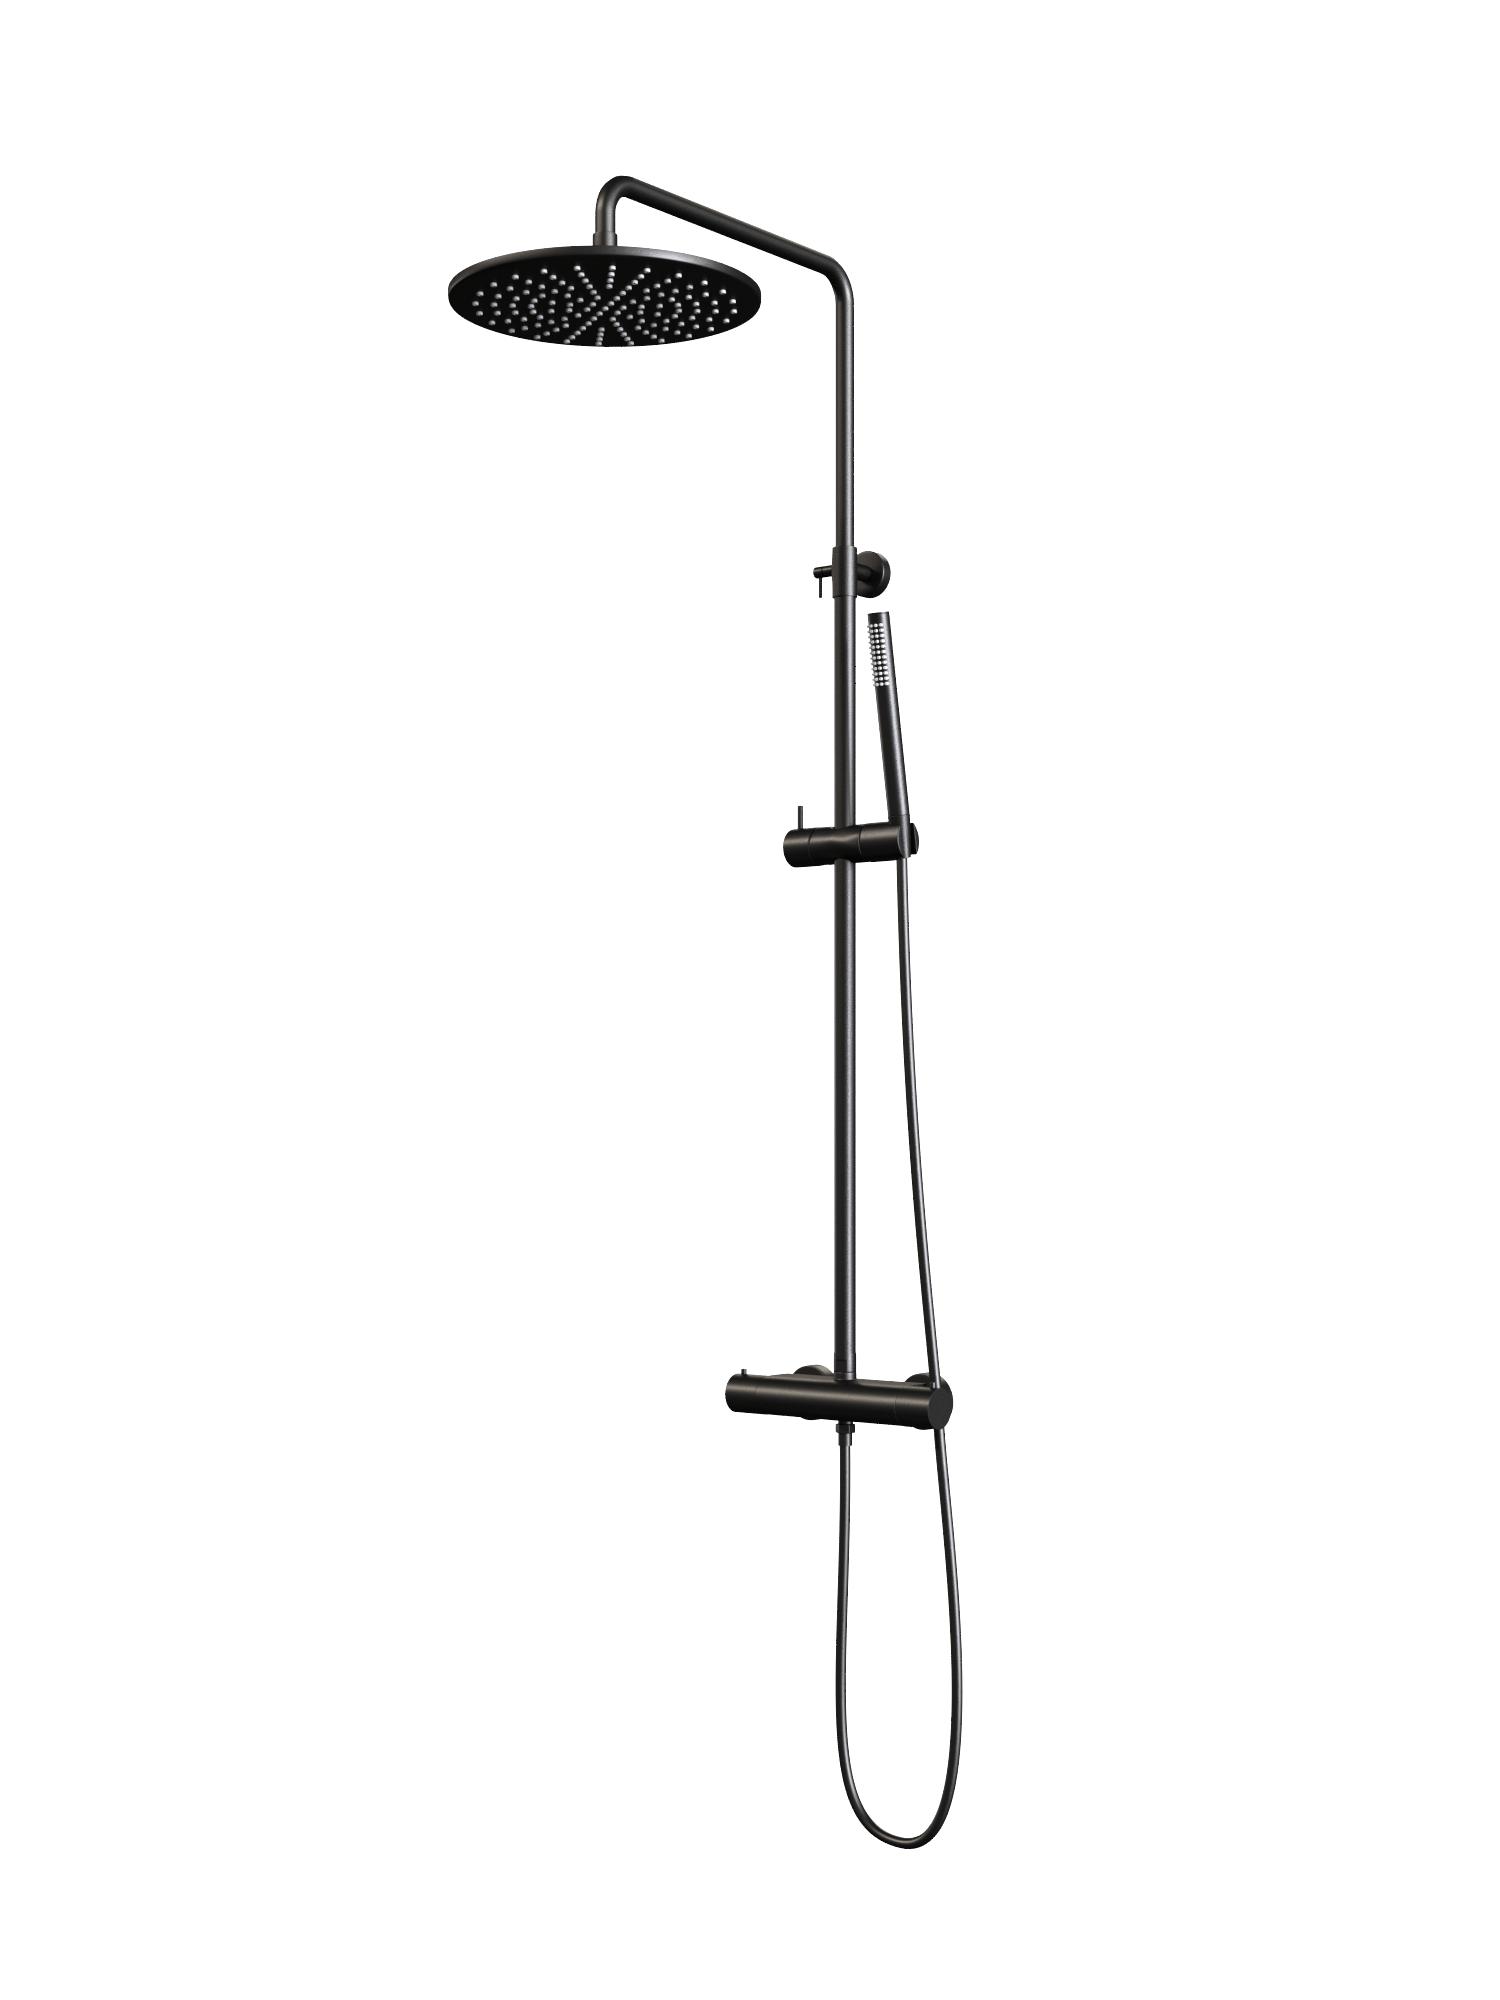 Regendouche Brauer Black Showerpipe met Thermostaat 30cm Mat Zwart Kranen > Regendouche > Opbouw Regendouche snel en voordelig in huis